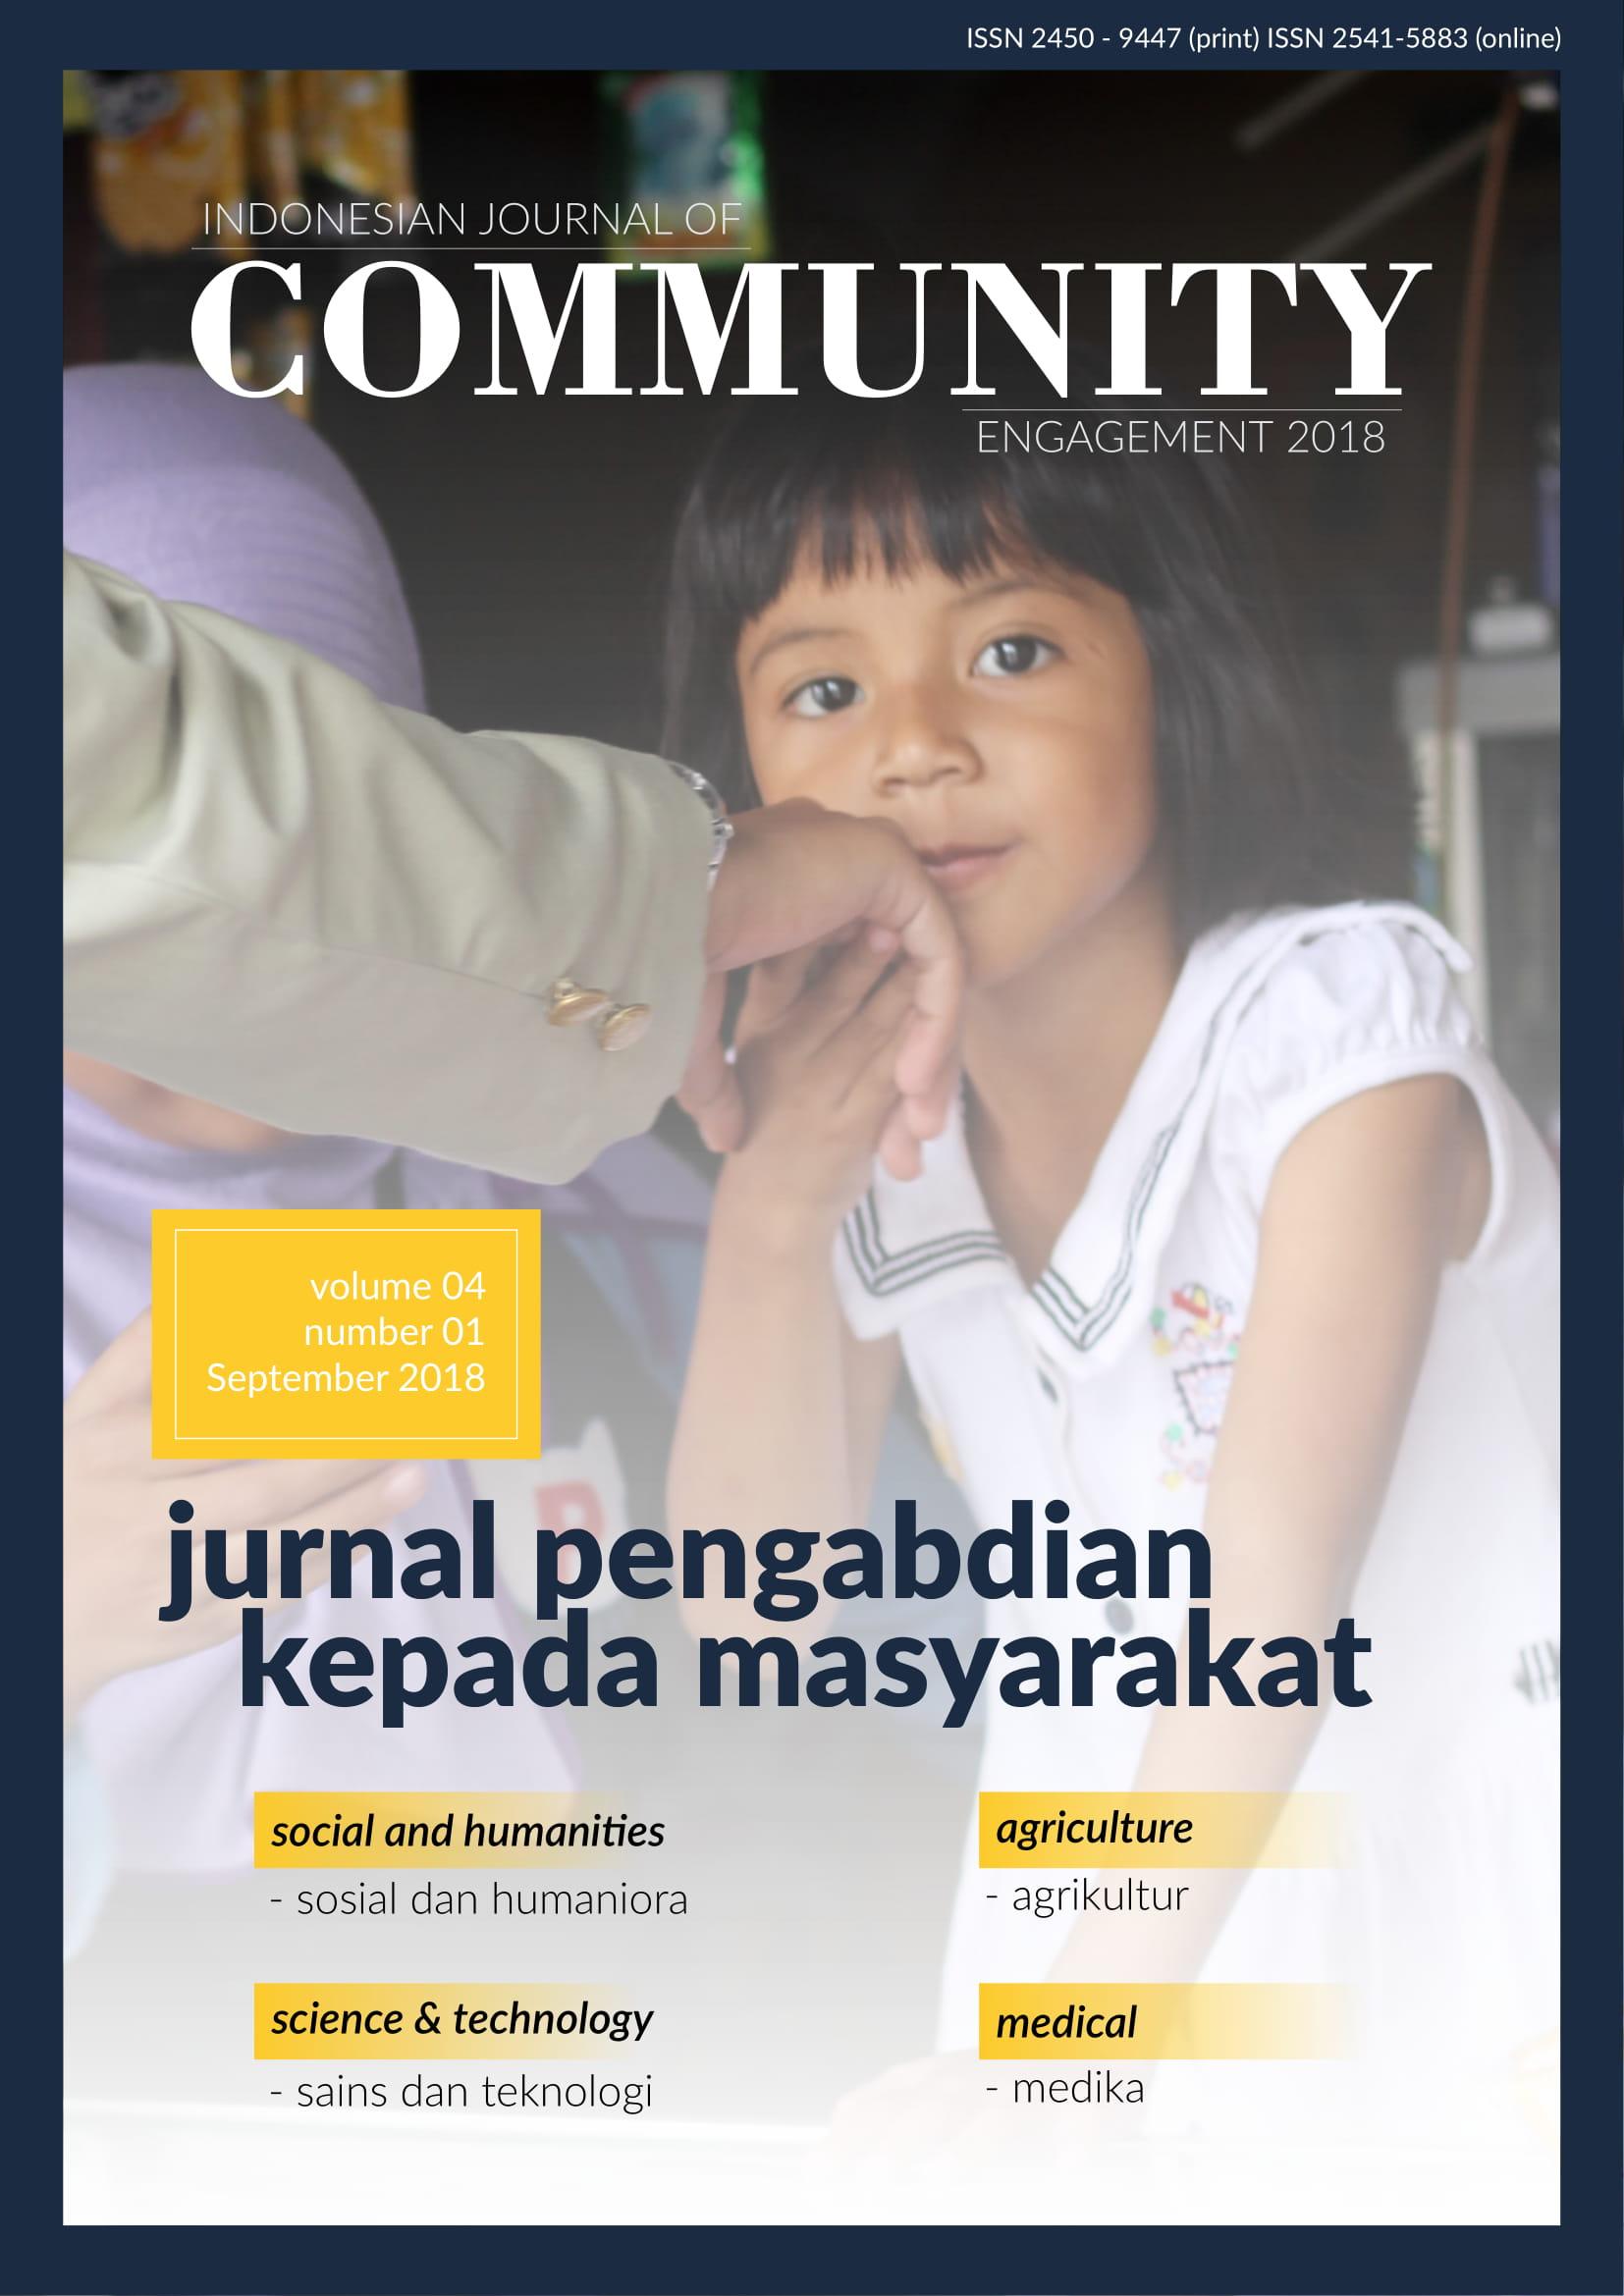 Jurnal Pengabdian Kepada Masyarakat (Indonesian Journal of Community Engagement)